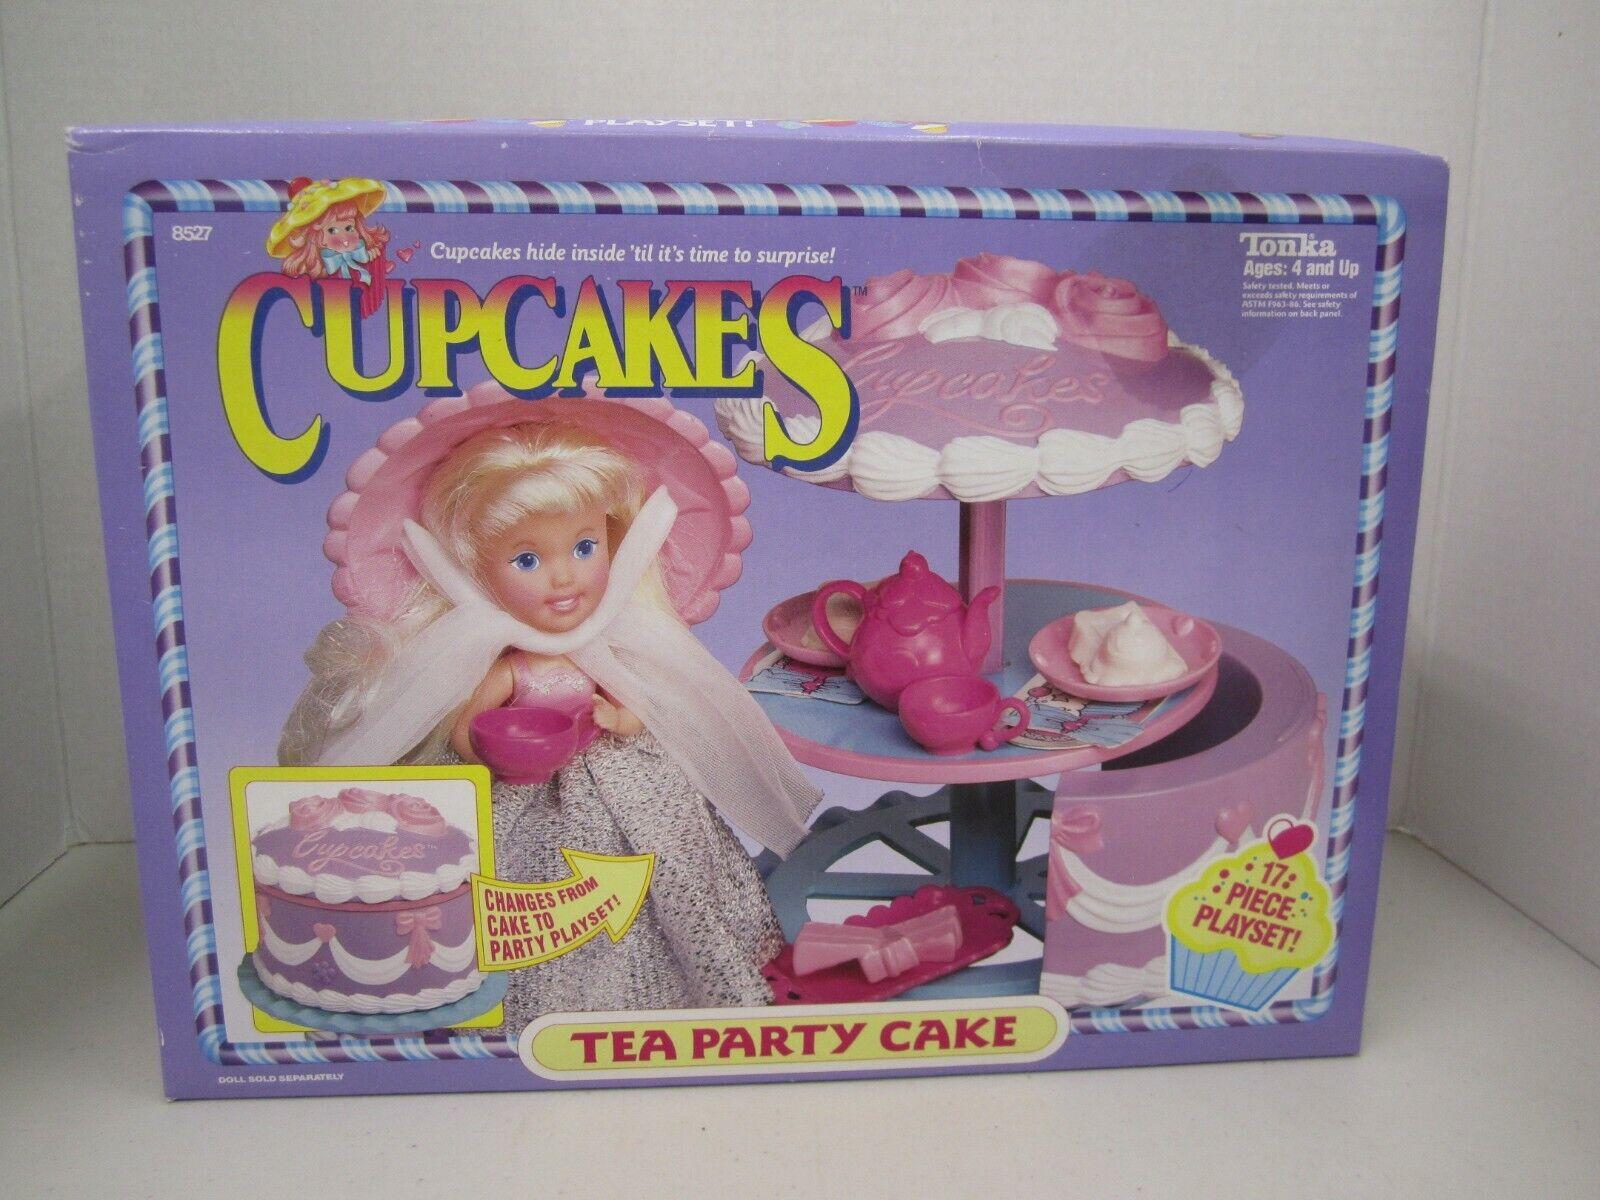 Pastel De Cupcakes -  Tea Party  - cambios de Pastel para Fiesta Playse - 1991 Tonka